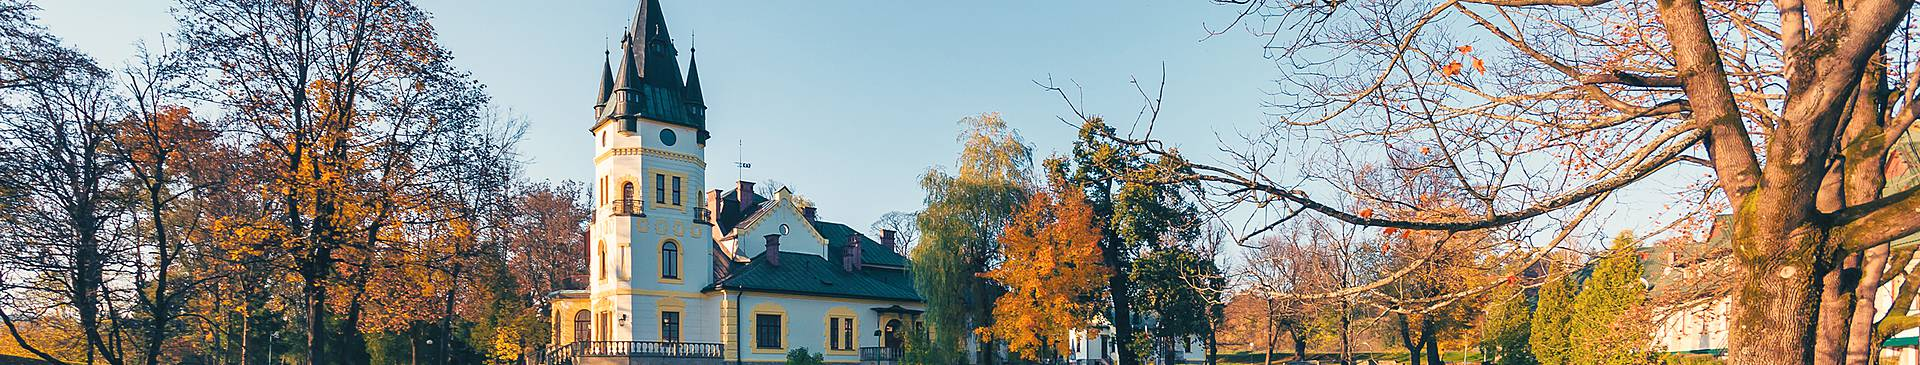 Viaggi in Polonia in autunno